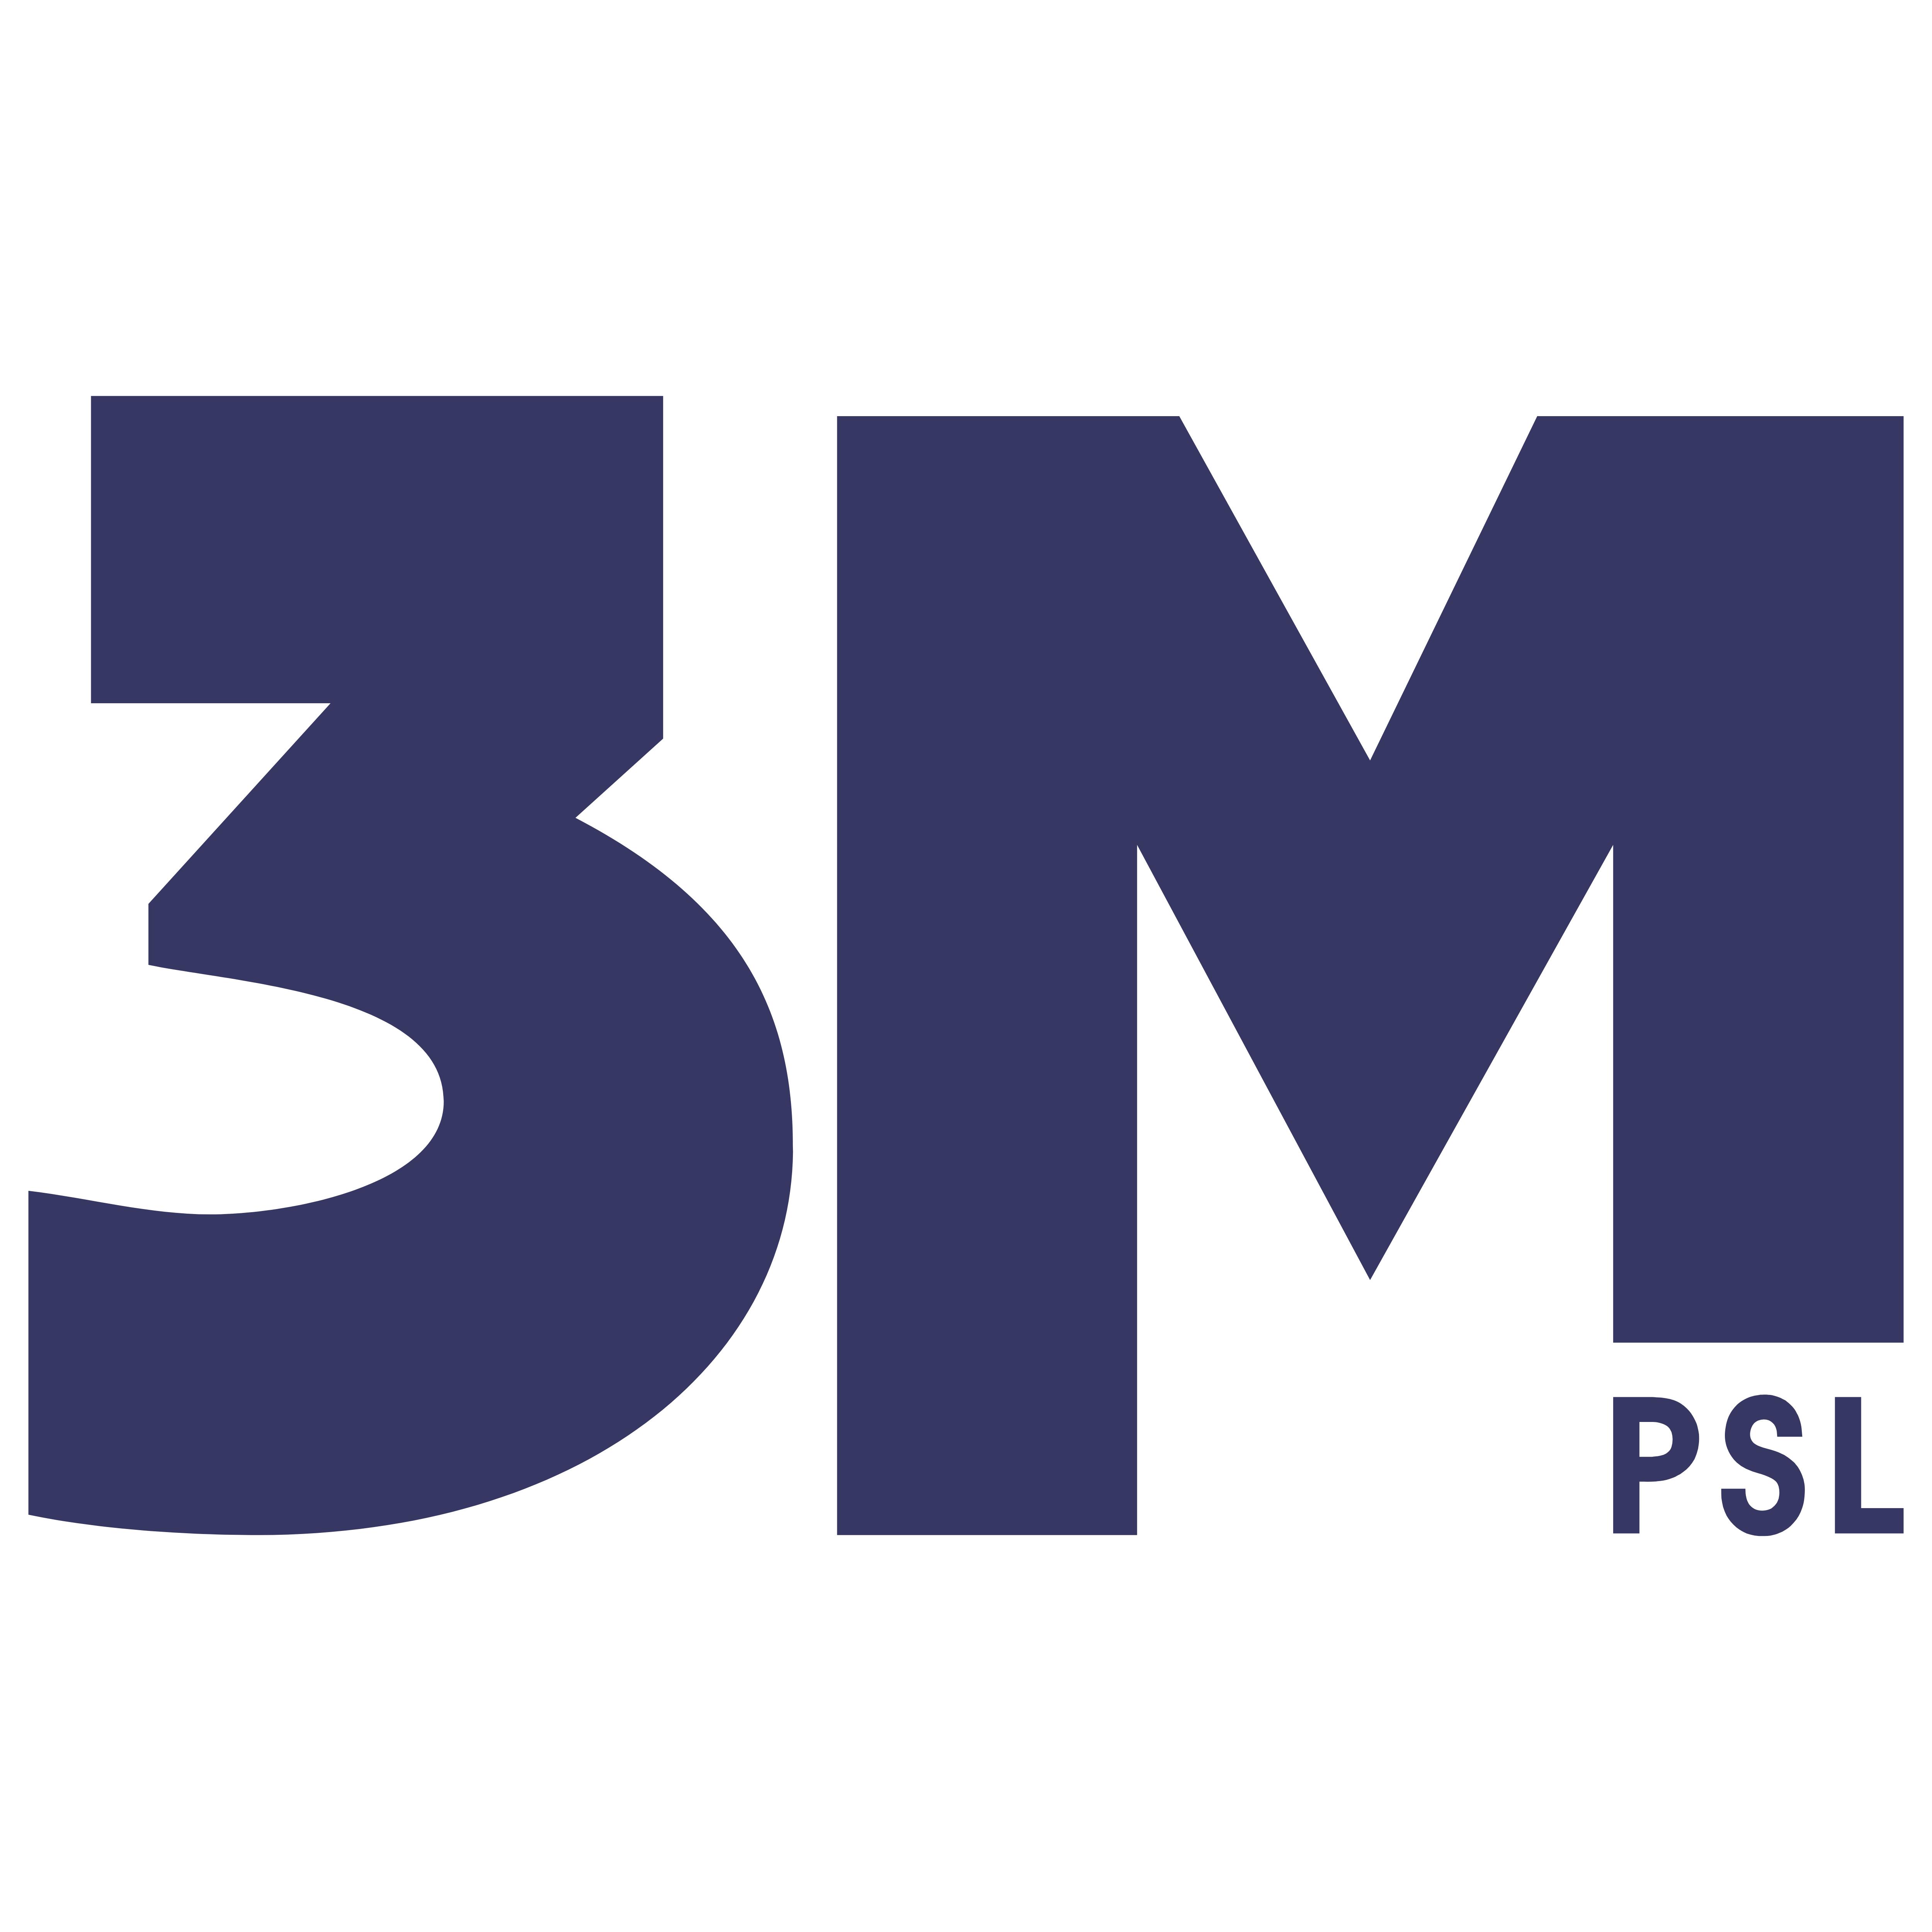 3M – Logos Download